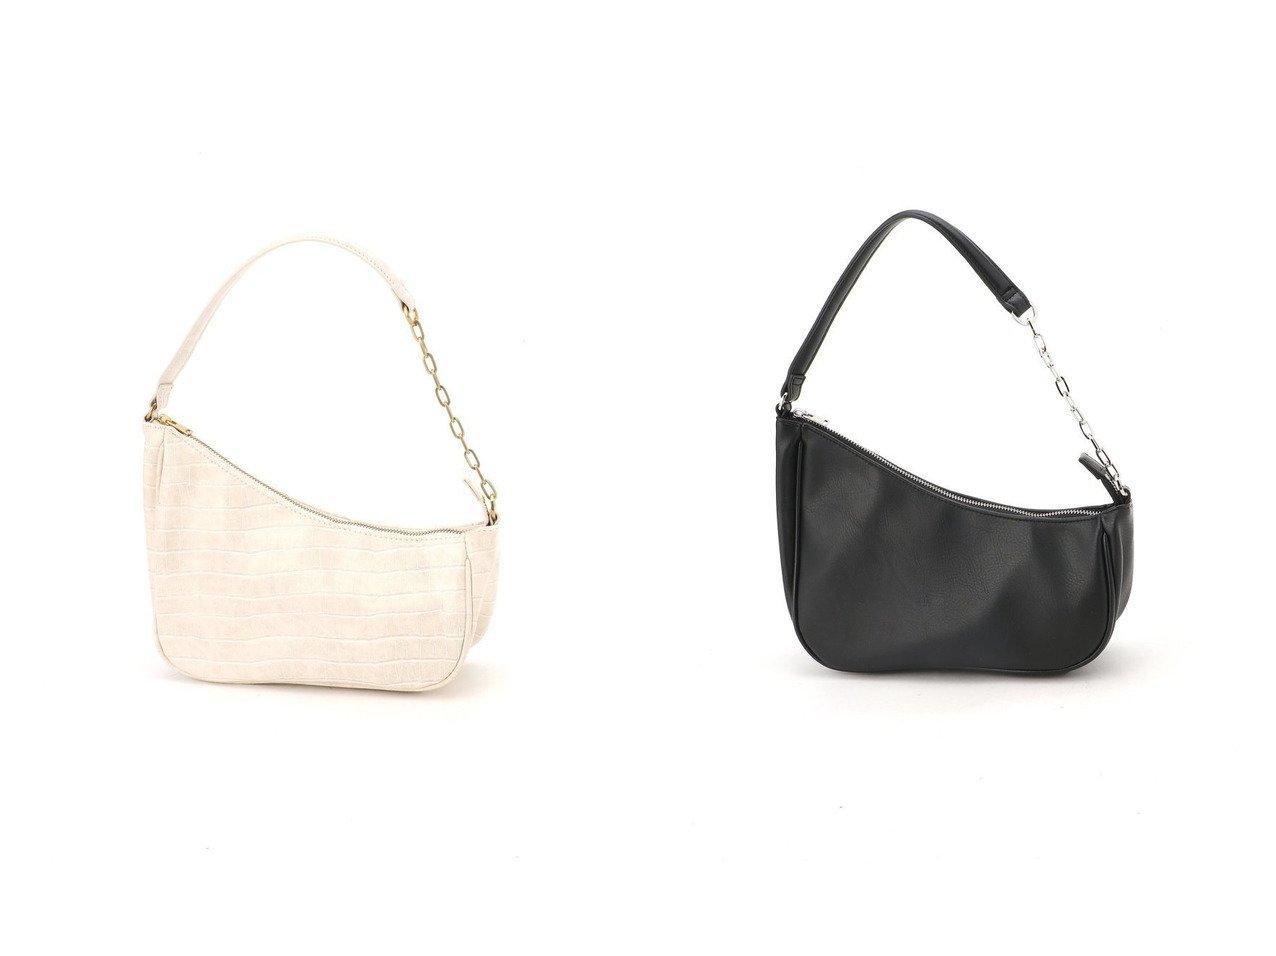 【JEANASiS/ジーナシス】のMOONバケットBAG 【バッグ・鞄】おすすめ!人気、トレンド・レディースファッションの通販   おすすめで人気の流行・トレンド、ファッションの通販商品 インテリア・家具・メンズファッション・キッズファッション・レディースファッション・服の通販 founy(ファニー) https://founy.com/ ファッション Fashion レディースファッション WOMEN バッグ Bag NEW・新作・新着・新入荷 New Arrivals クロコ コンパクト スクエア チェーン 夏 Summer 財布 |ID:crp329100000064844